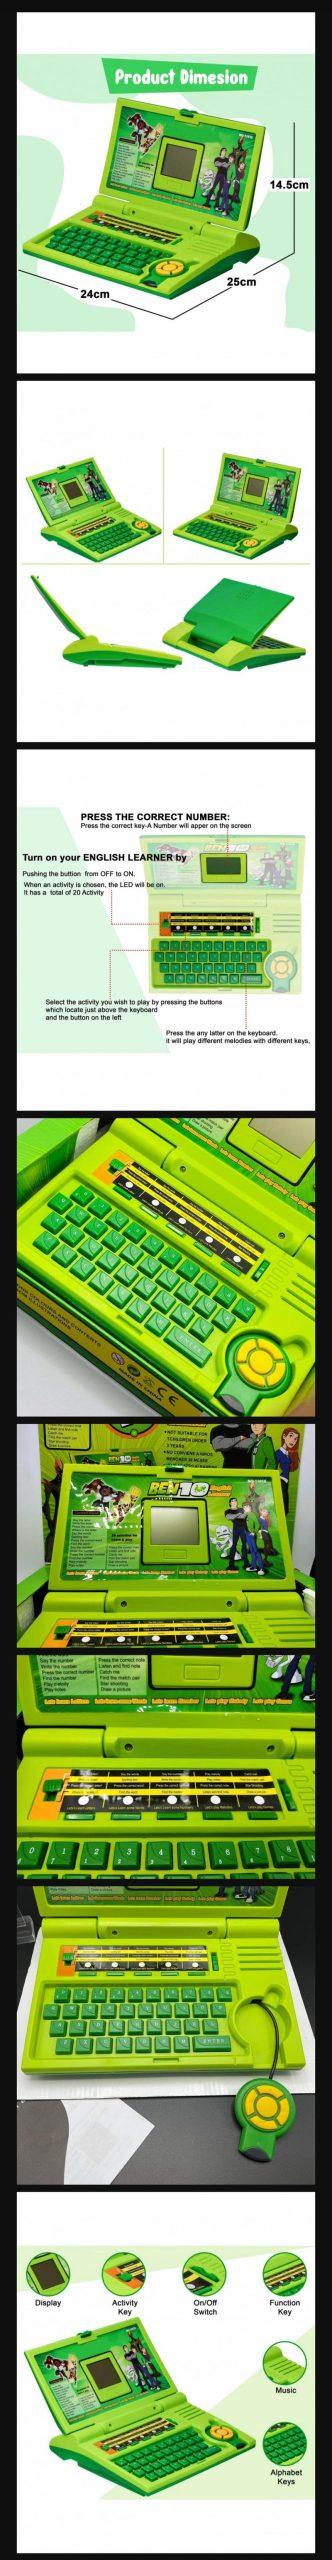 Ben 10 Kids Laptop Toy